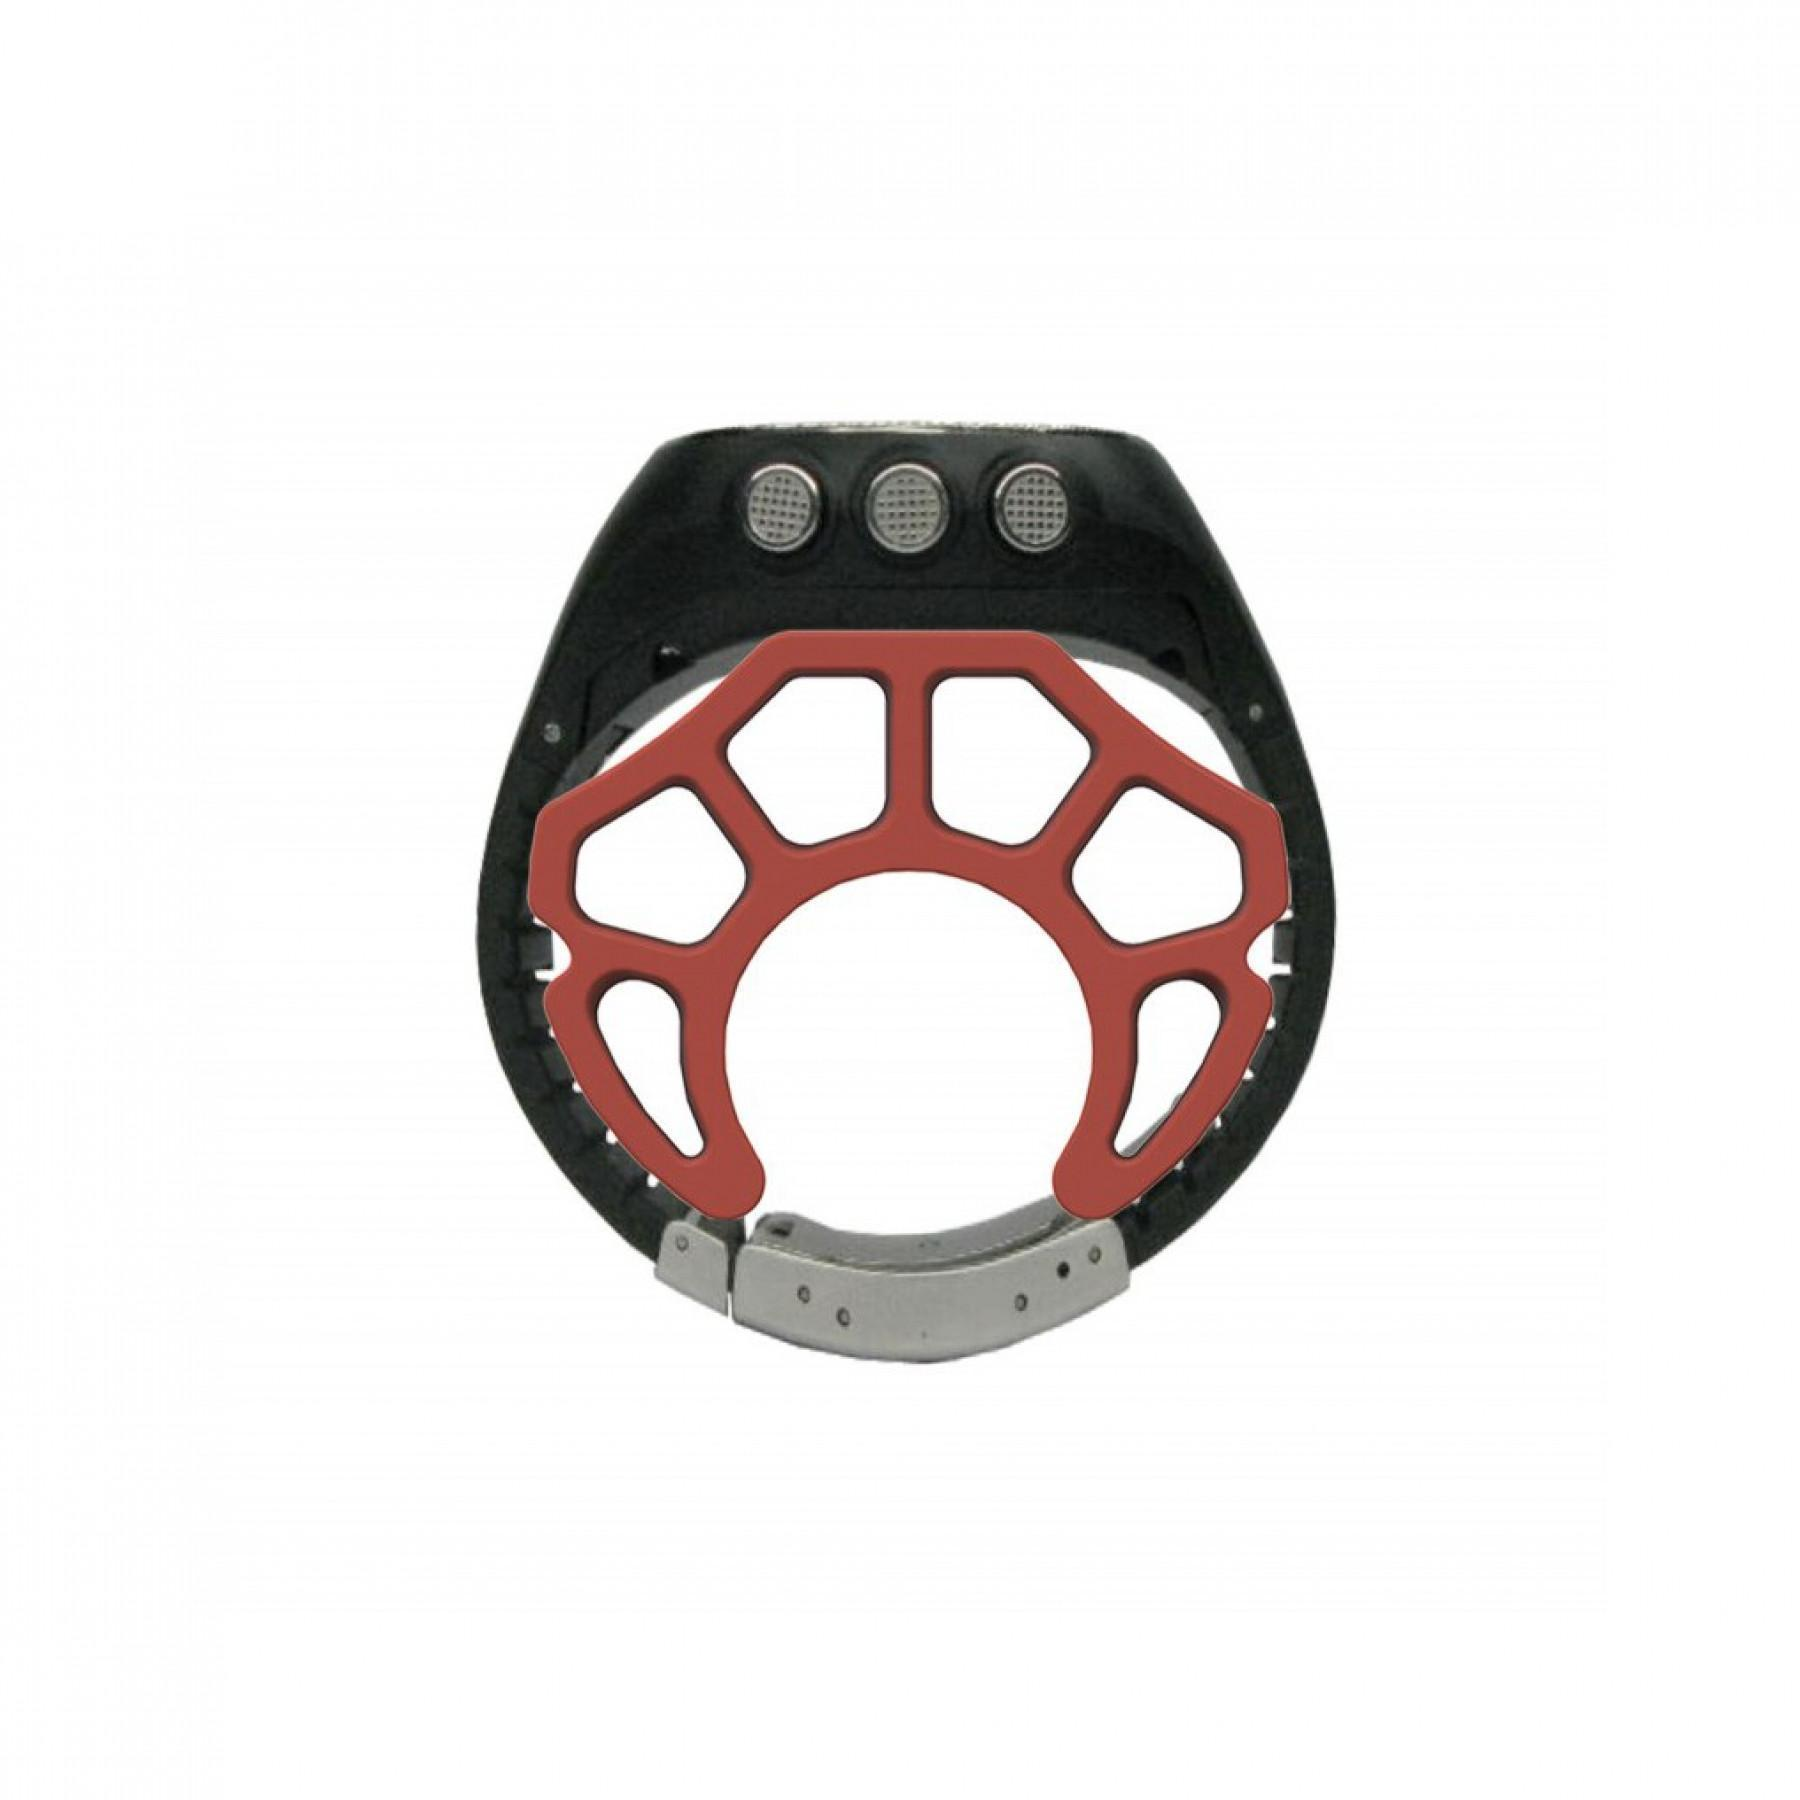 GPS watch holder Clicgear